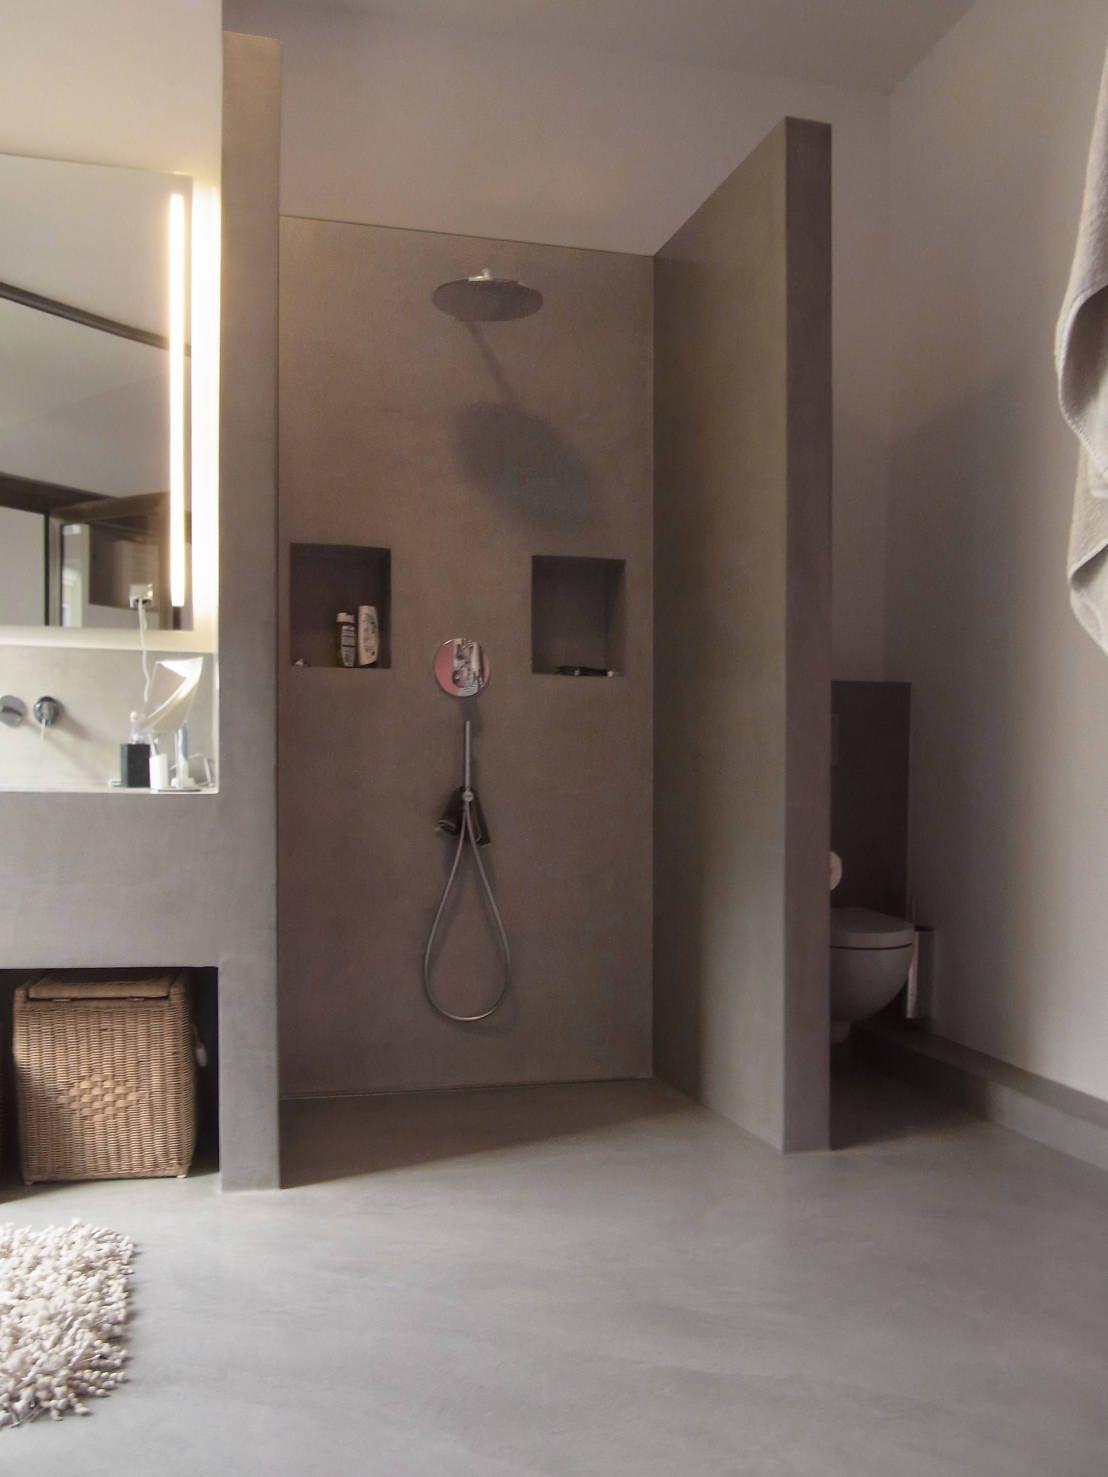 Warum eine dusche cooler ist als eine badewanne for Badezimmer design bilder